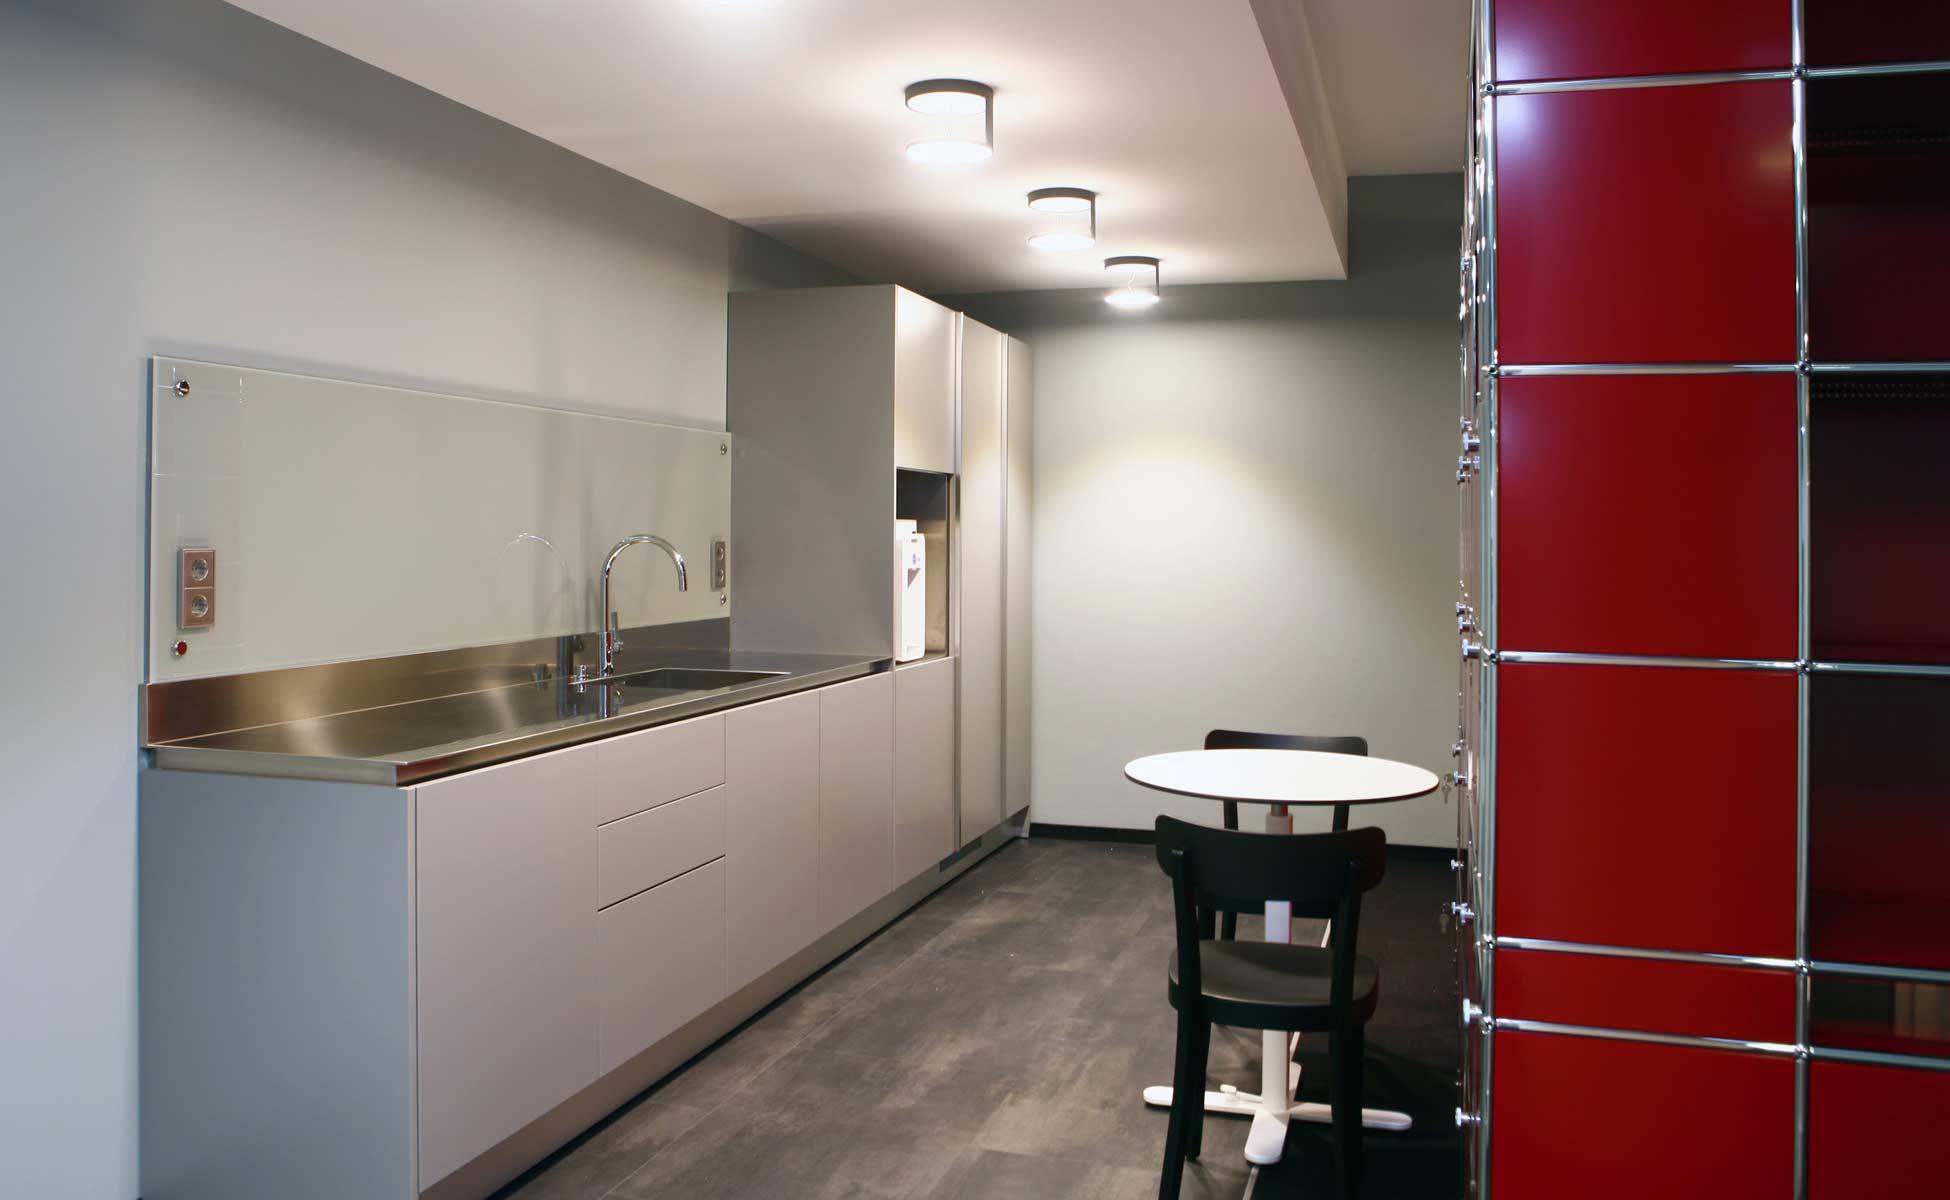 01 arclinea küche + nimbus rim leuchten - büro- und objekteinrichtung von steidten+ berlin